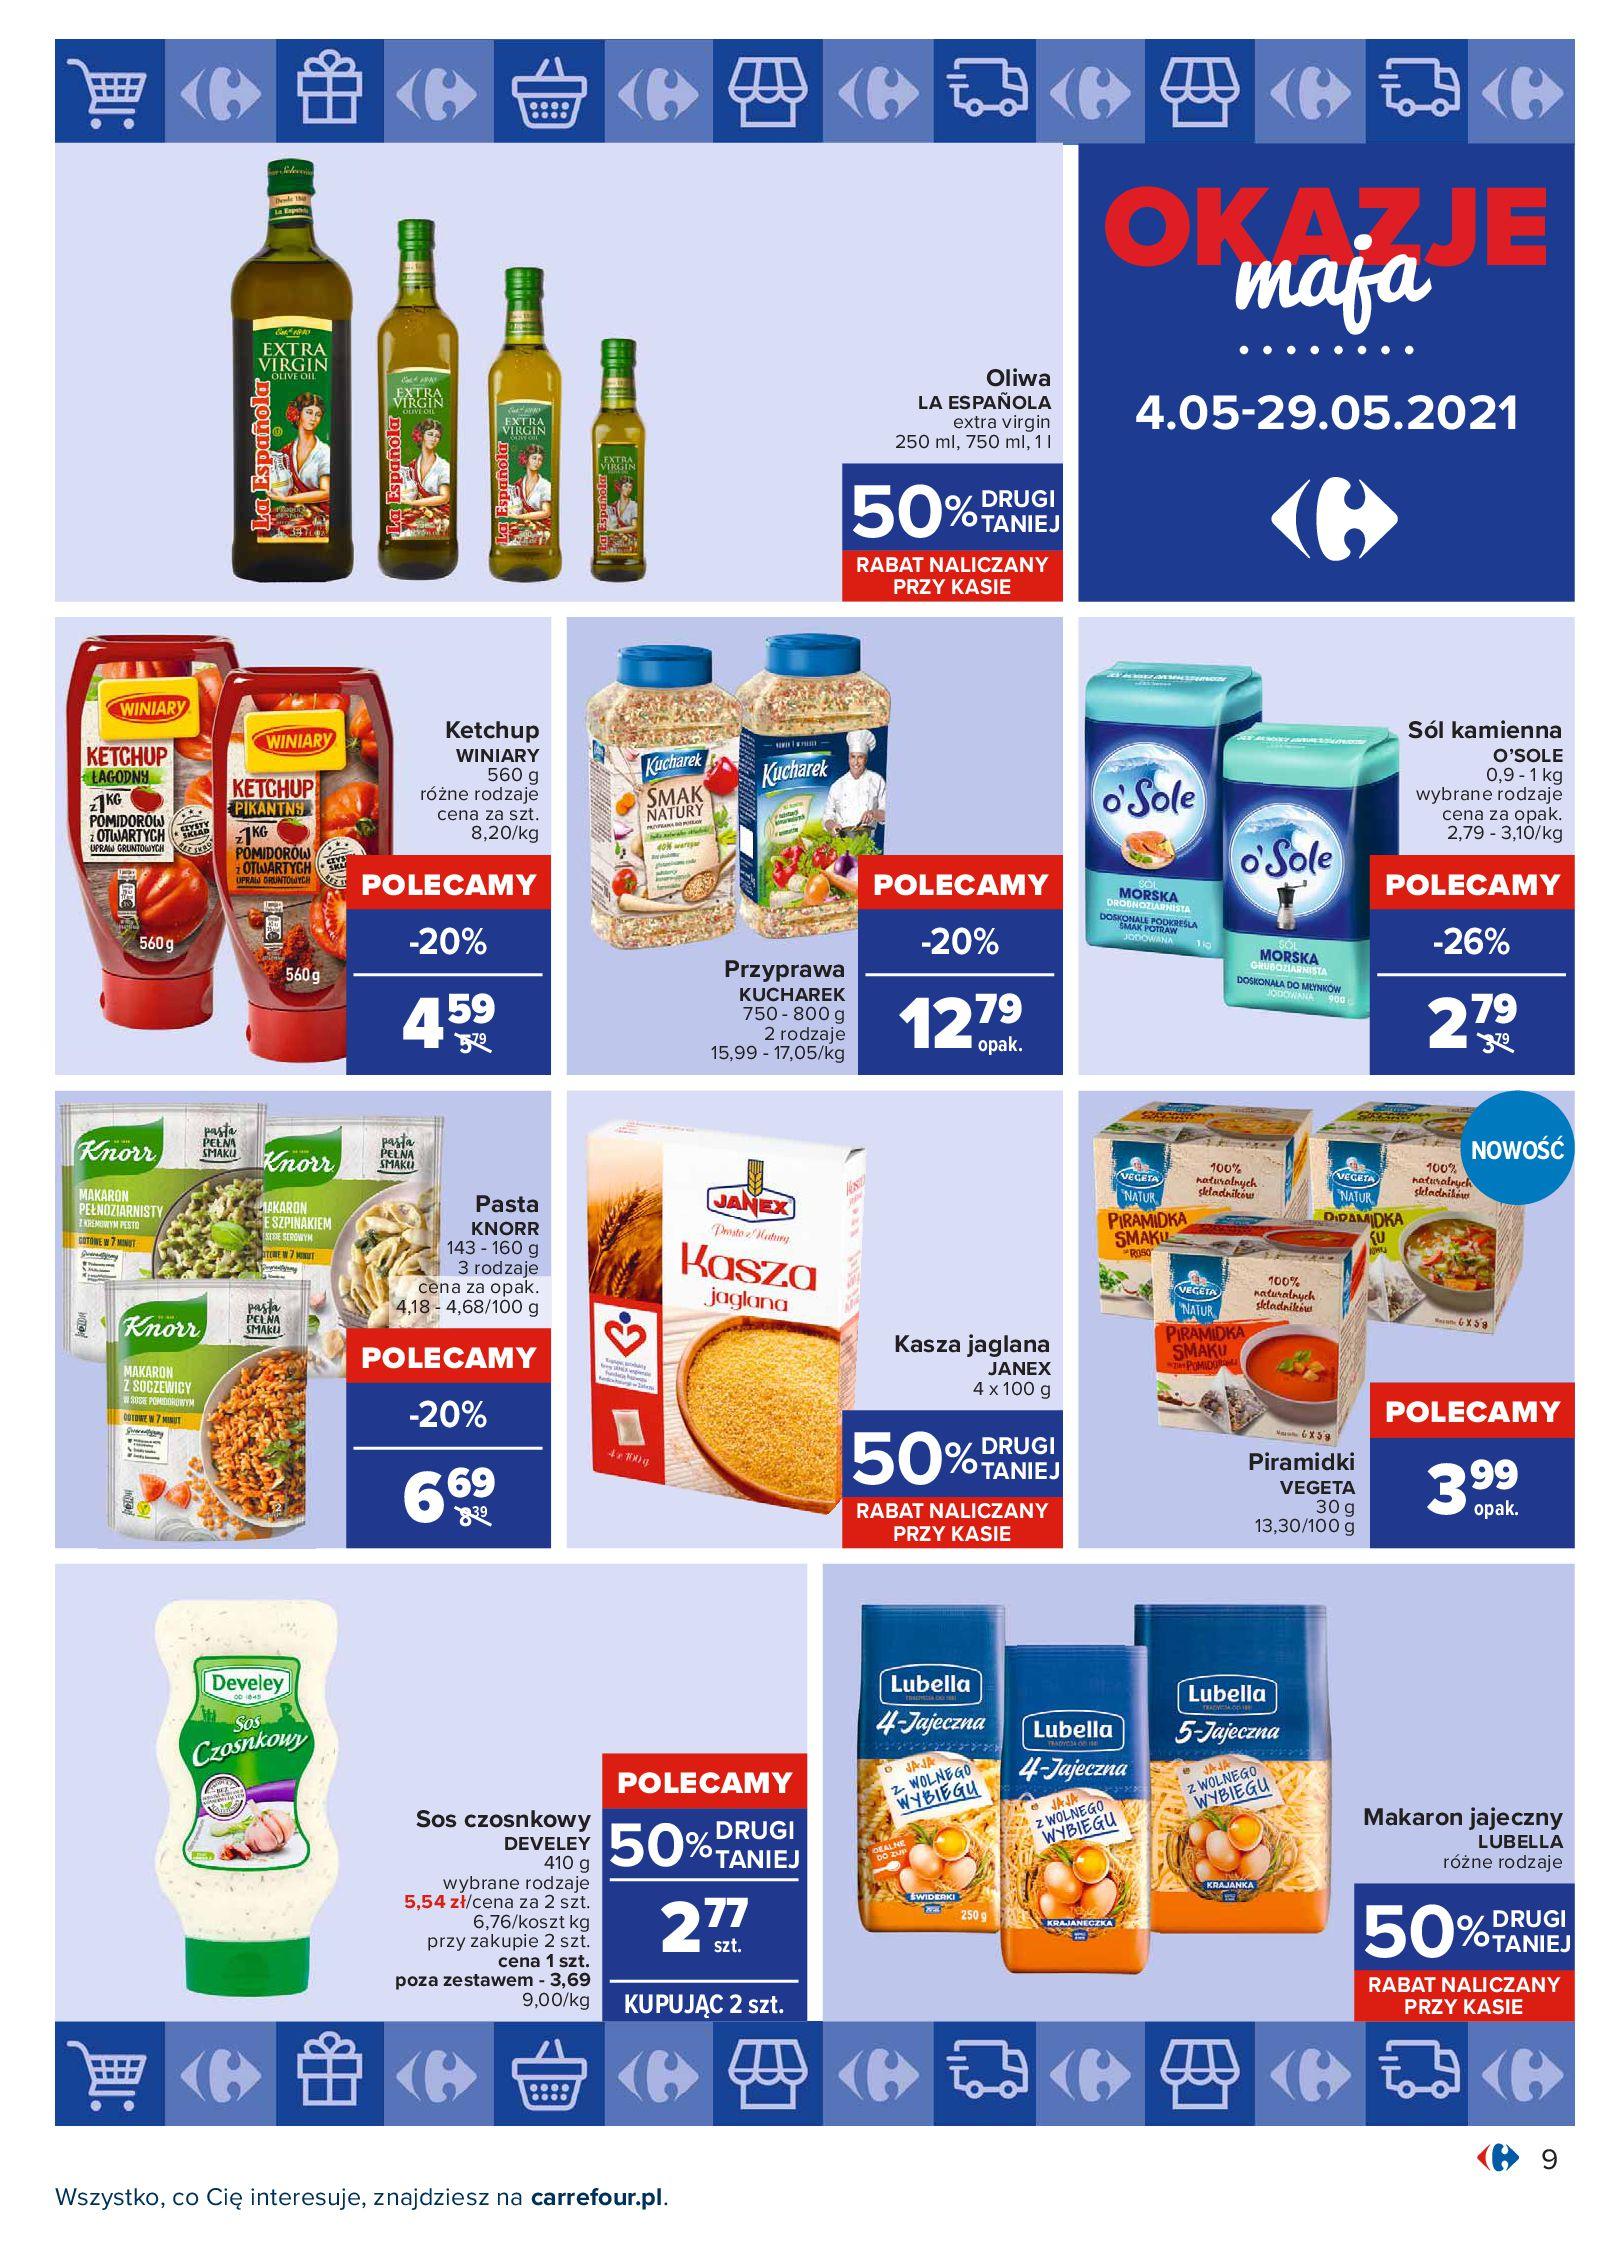 Gazetka Carrefour: Okazje maja 2021-05-04 page-9